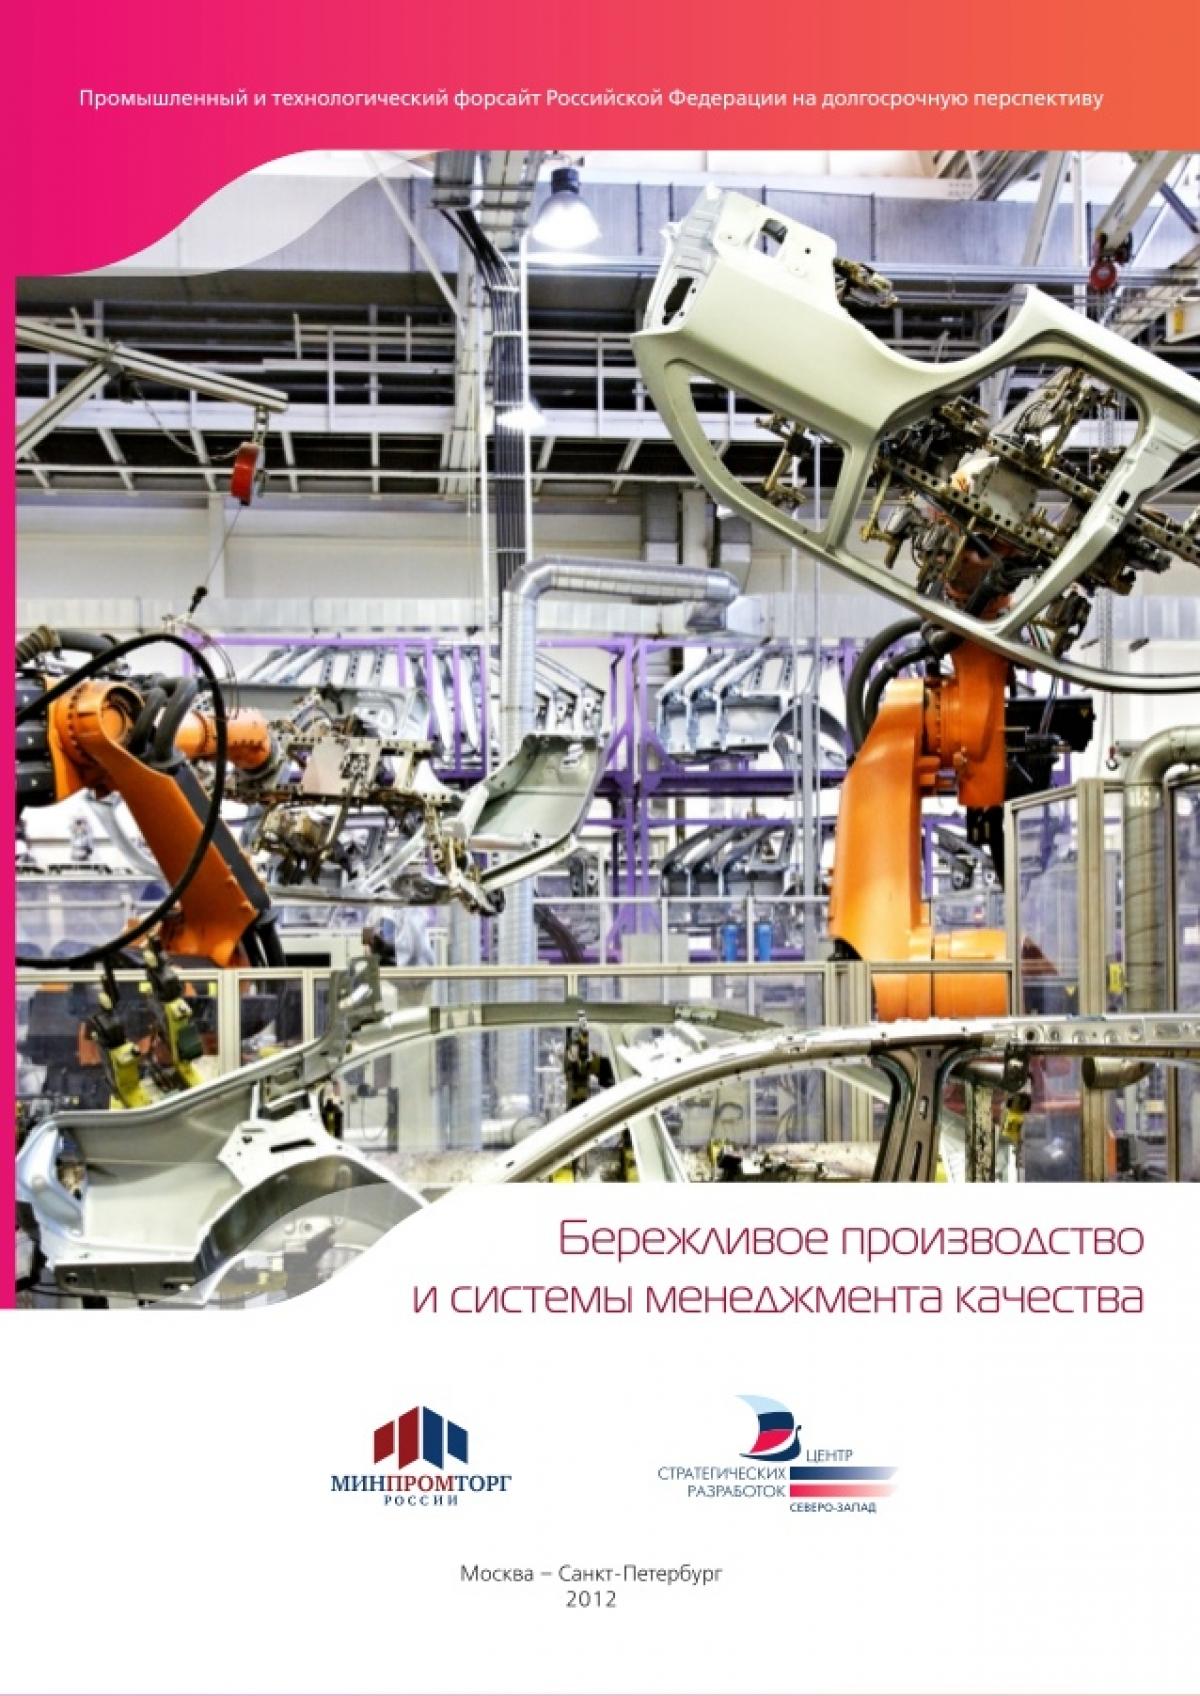 Обложка книги:  н.б. фейгенсон, и.с. мацкевич, м.с. липецкая - бережливое производство и системы менеджмента качества